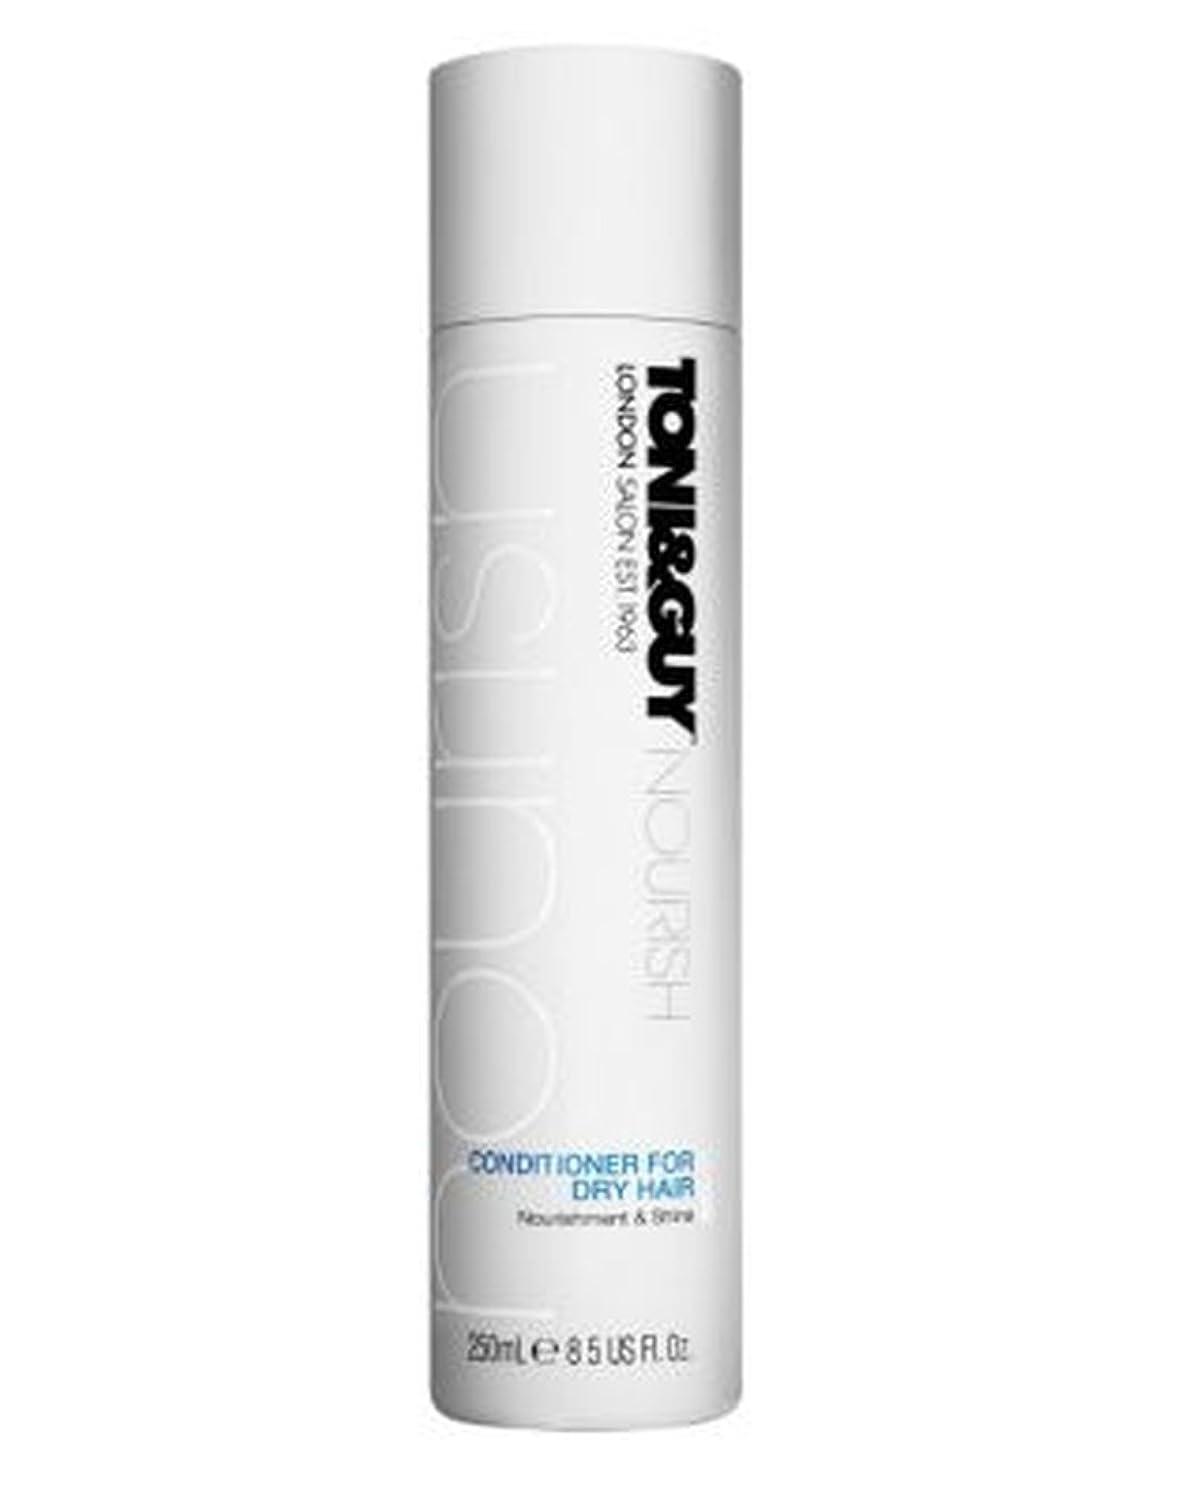 バイアスカスタム寝てるToni&Guy Nourish Conditioner for Dry Hair 250ml - トニ&男は乾いた髪の250ミリリットルのためにコンディショナーを養います (Toni & Guy) [並行輸入品]